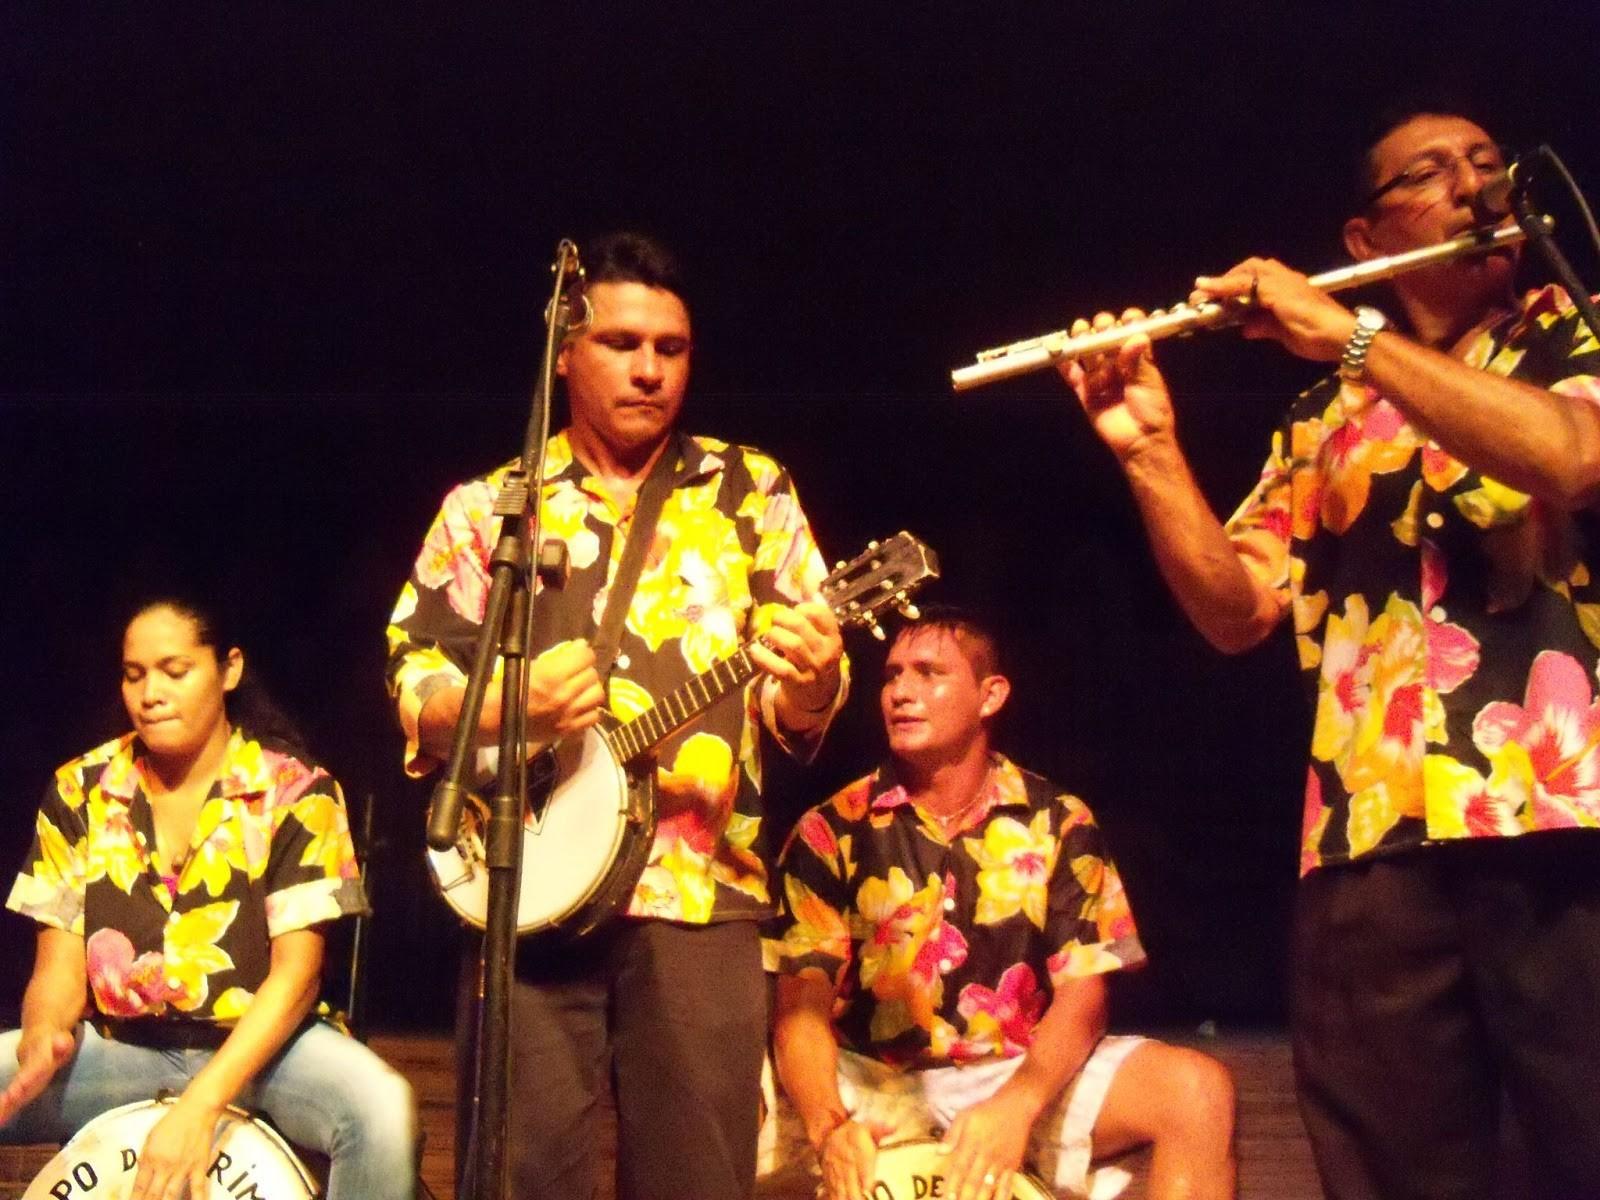 Tribo Regional de Algodoal apresenta os batuques do carimbó. (Foto: Divulgação)